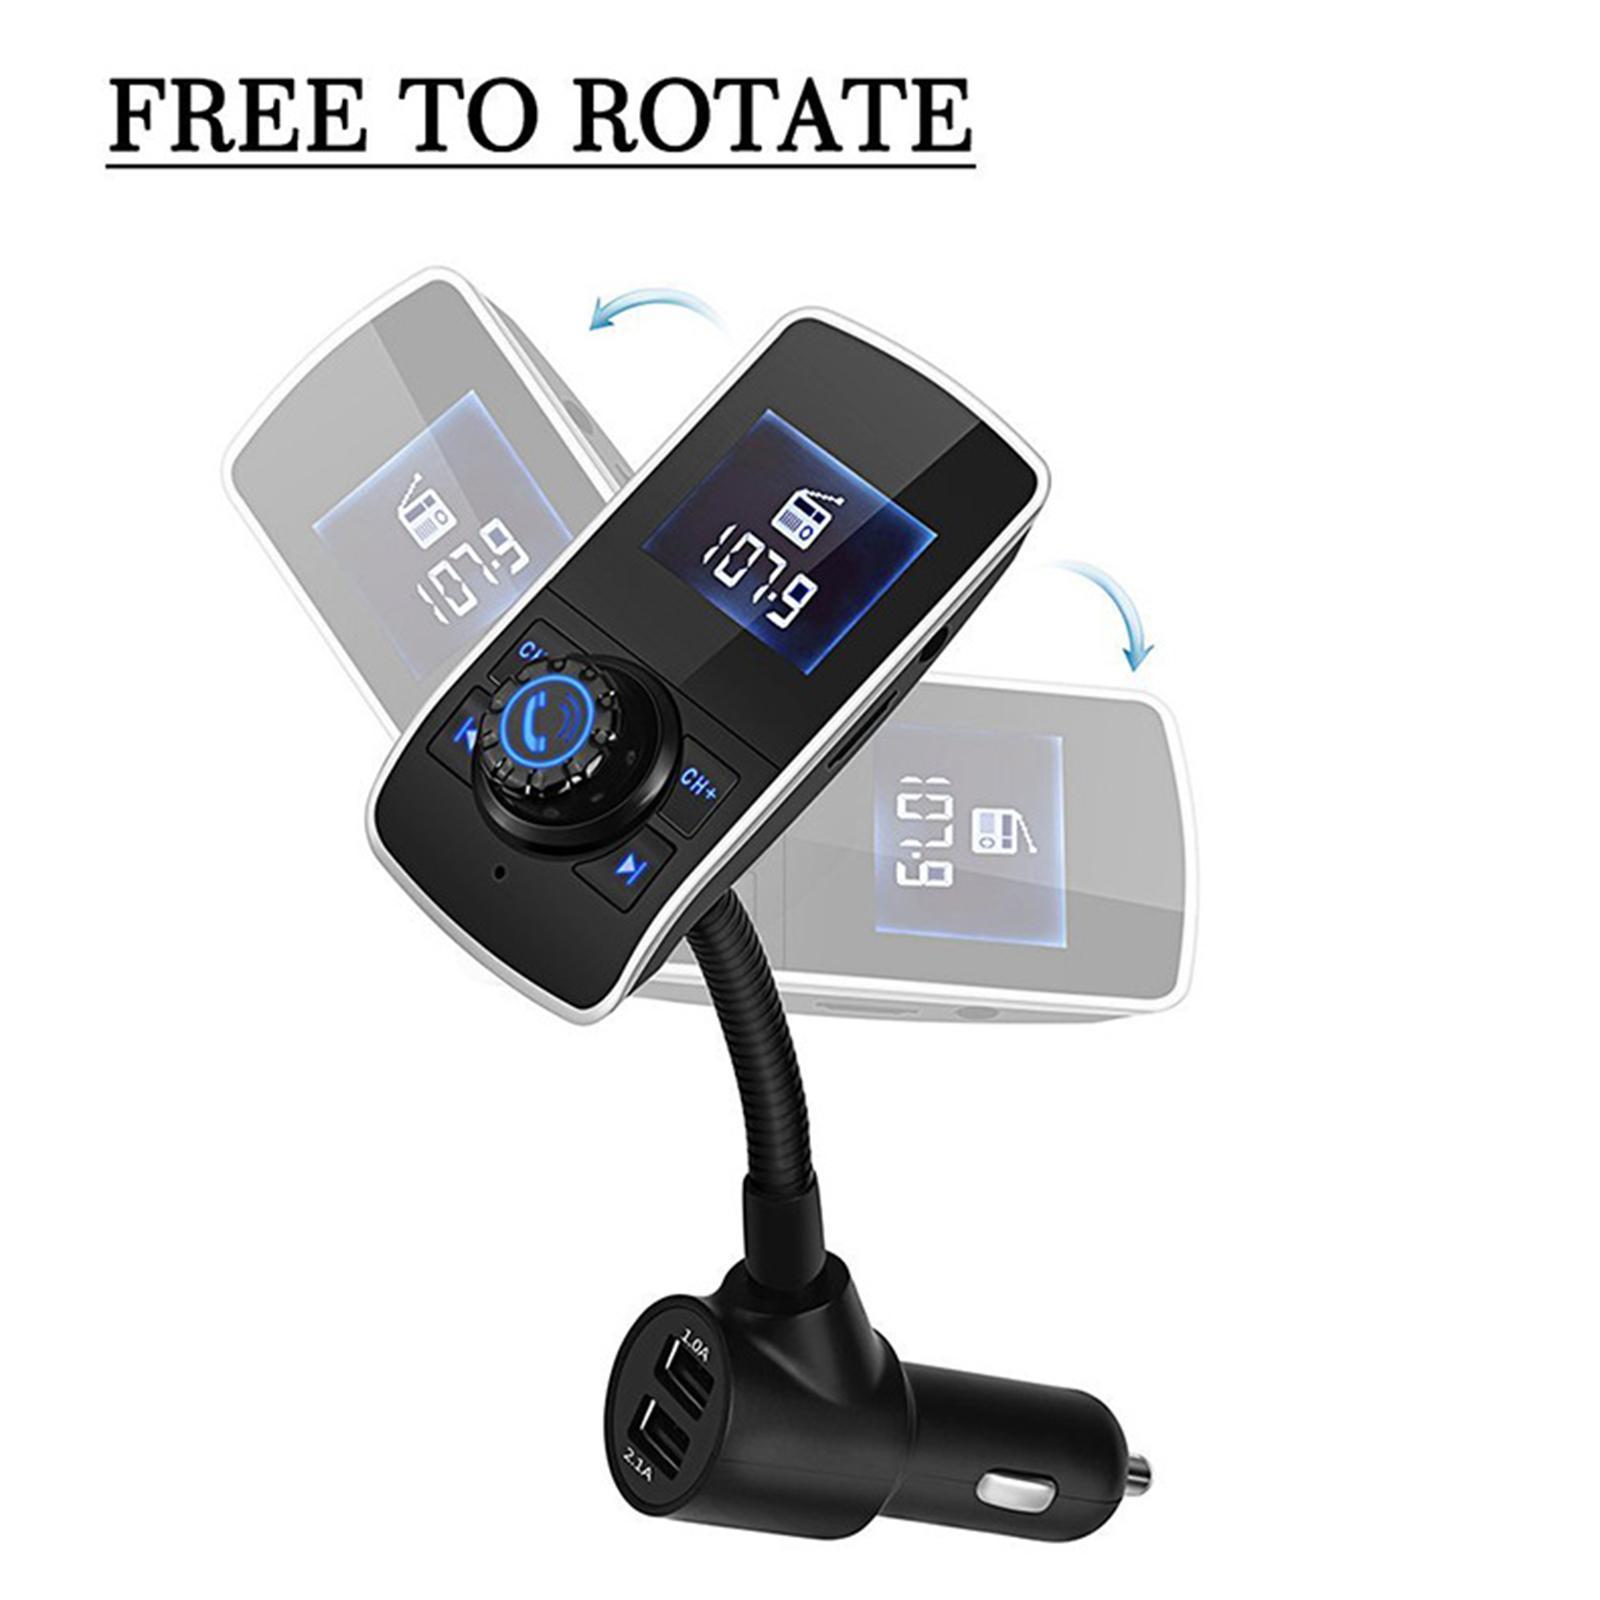 Indexbild 5 - LCD Auto FM Transmitter Radio Auto MP3 Player 2 Port USB Ladegerät mit Mikrofon